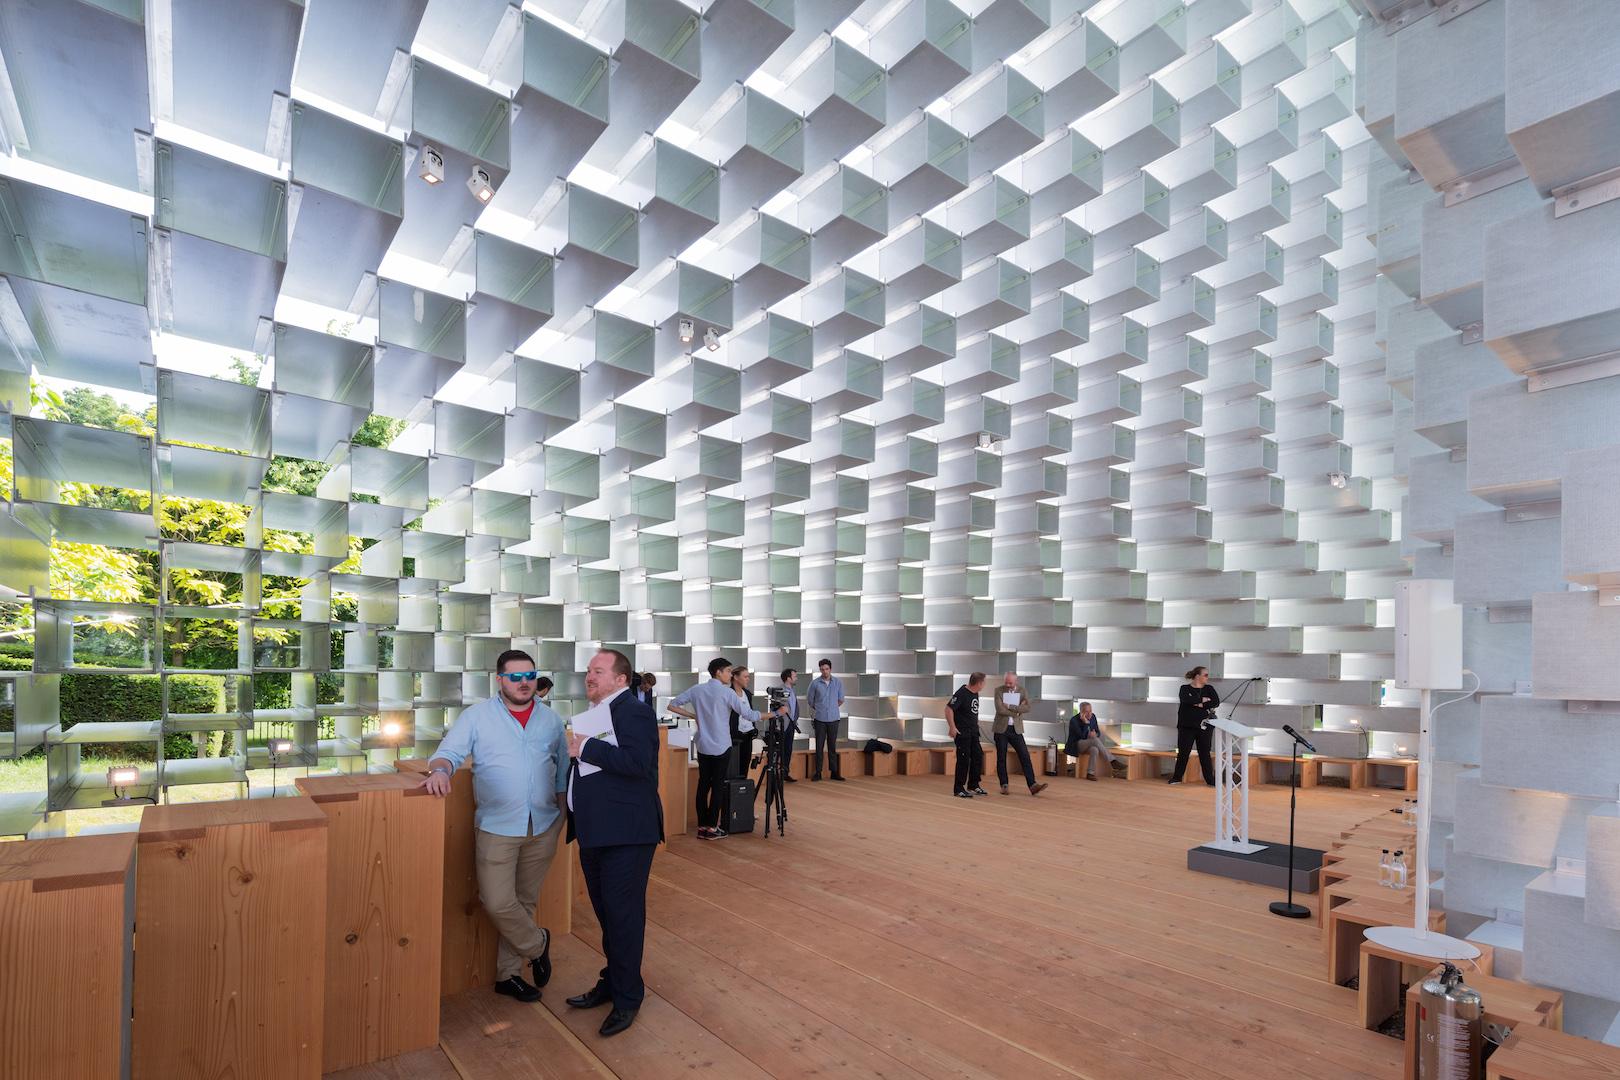 big_pavilion_-_image_c_iwan_baan_2.jpg